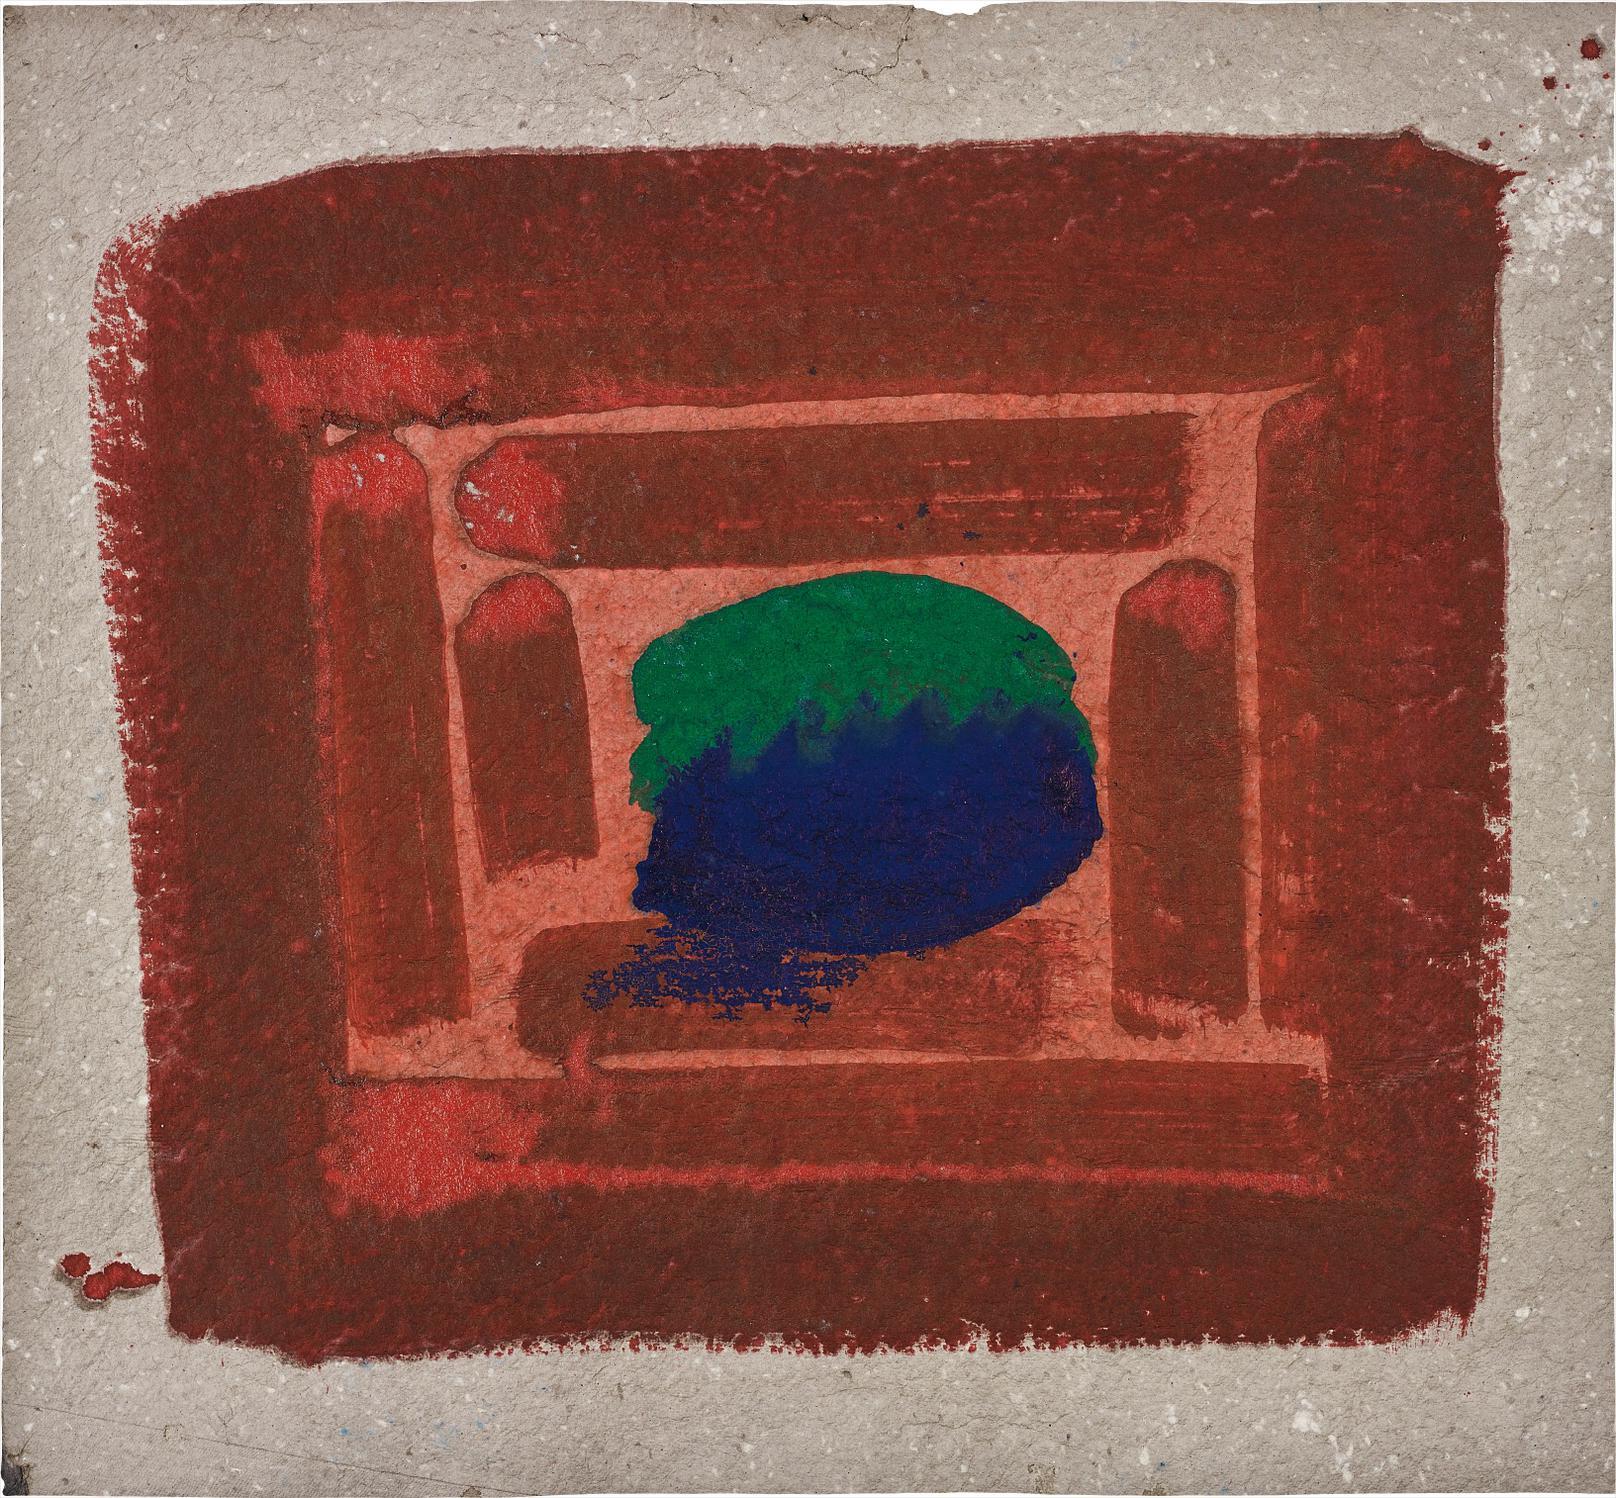 Howard Hodgkin-Tropic Fruit-1978